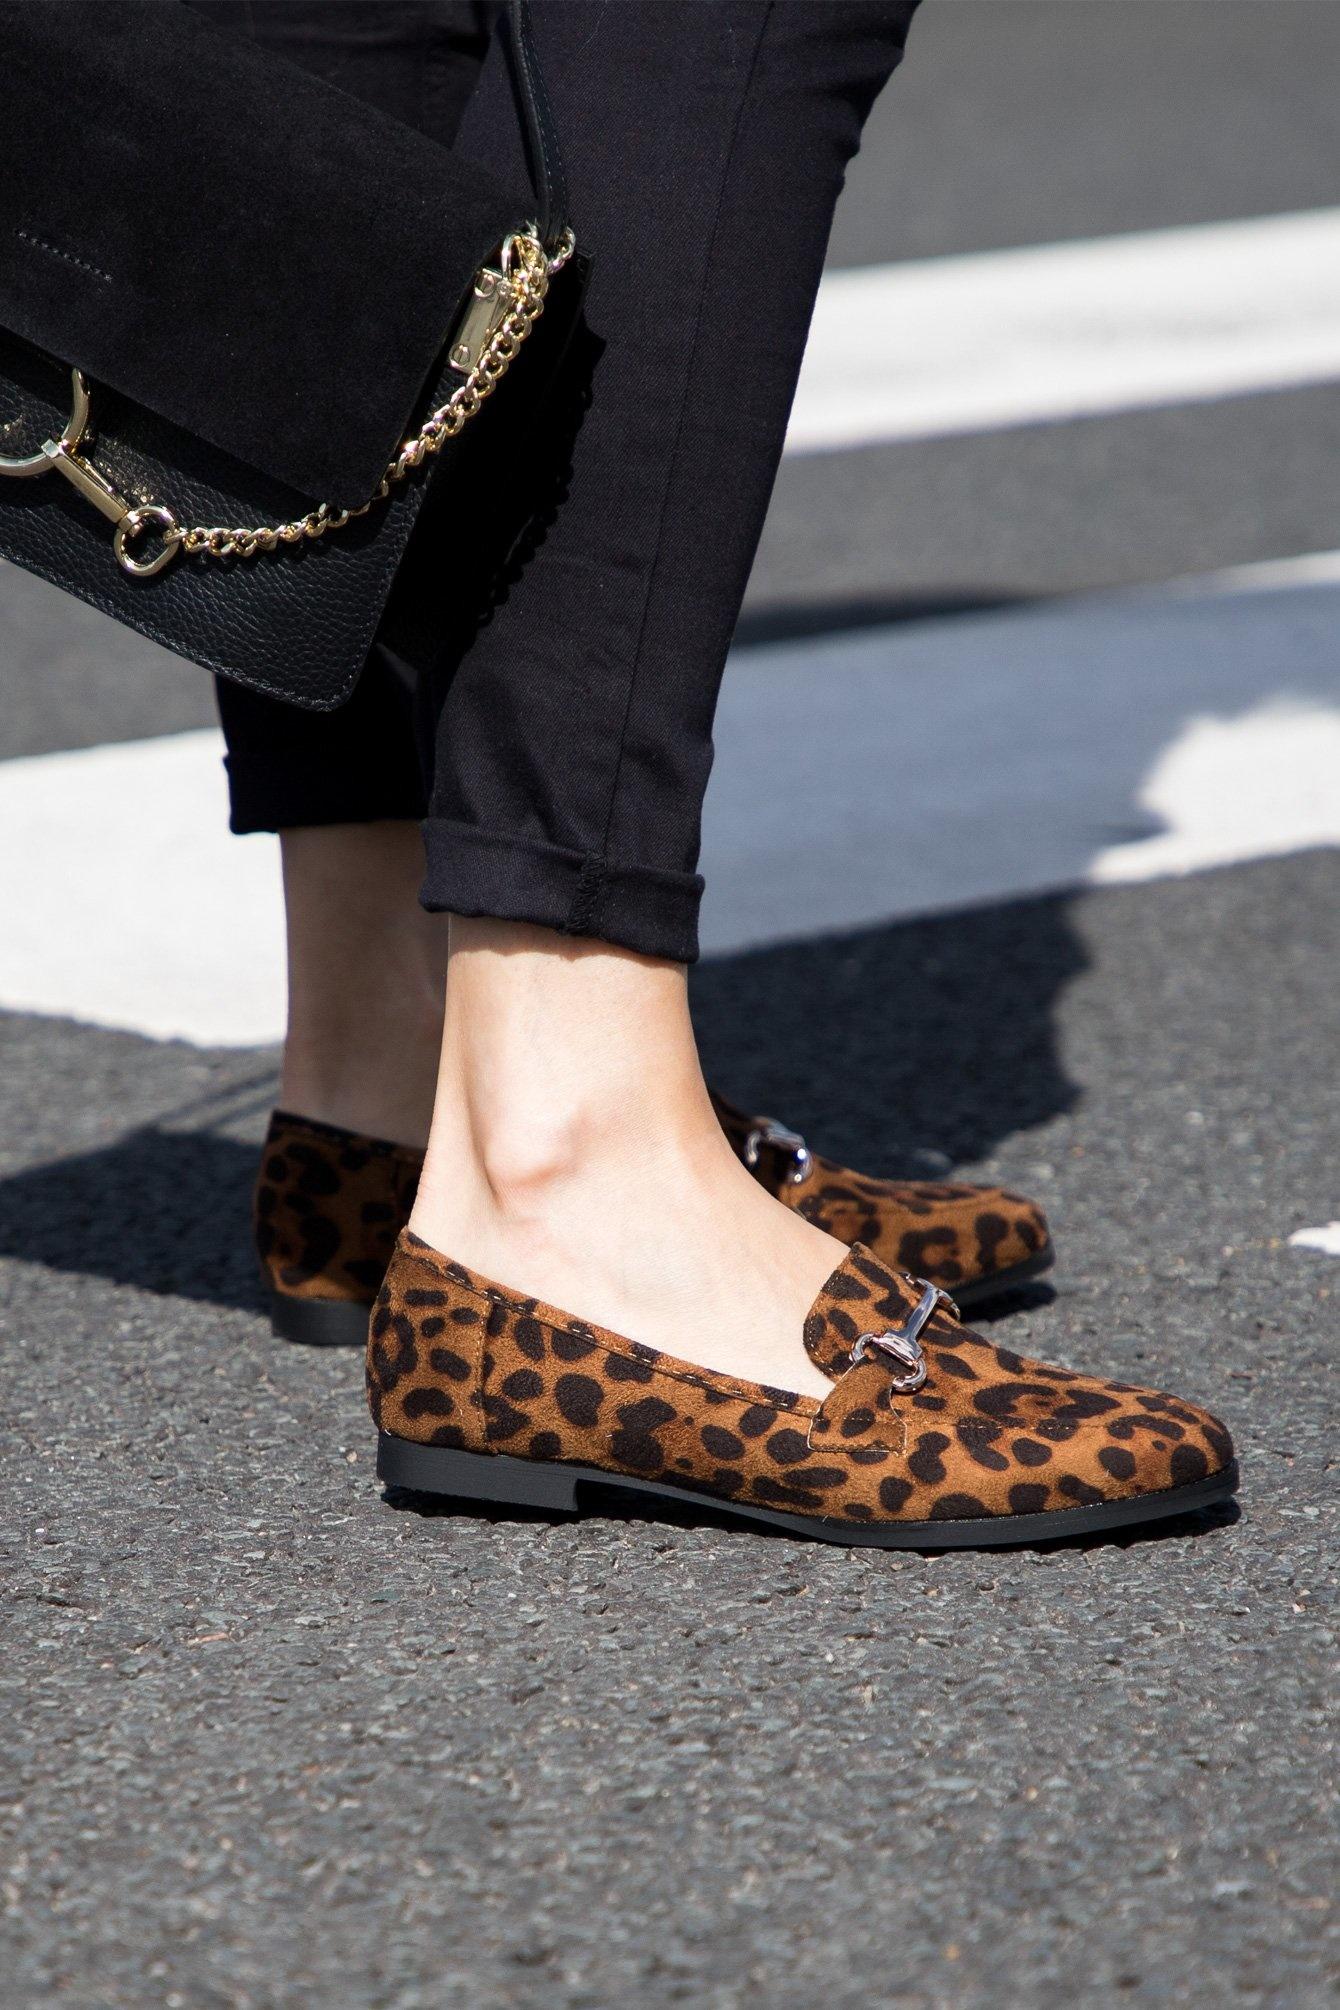 Leopard loafer